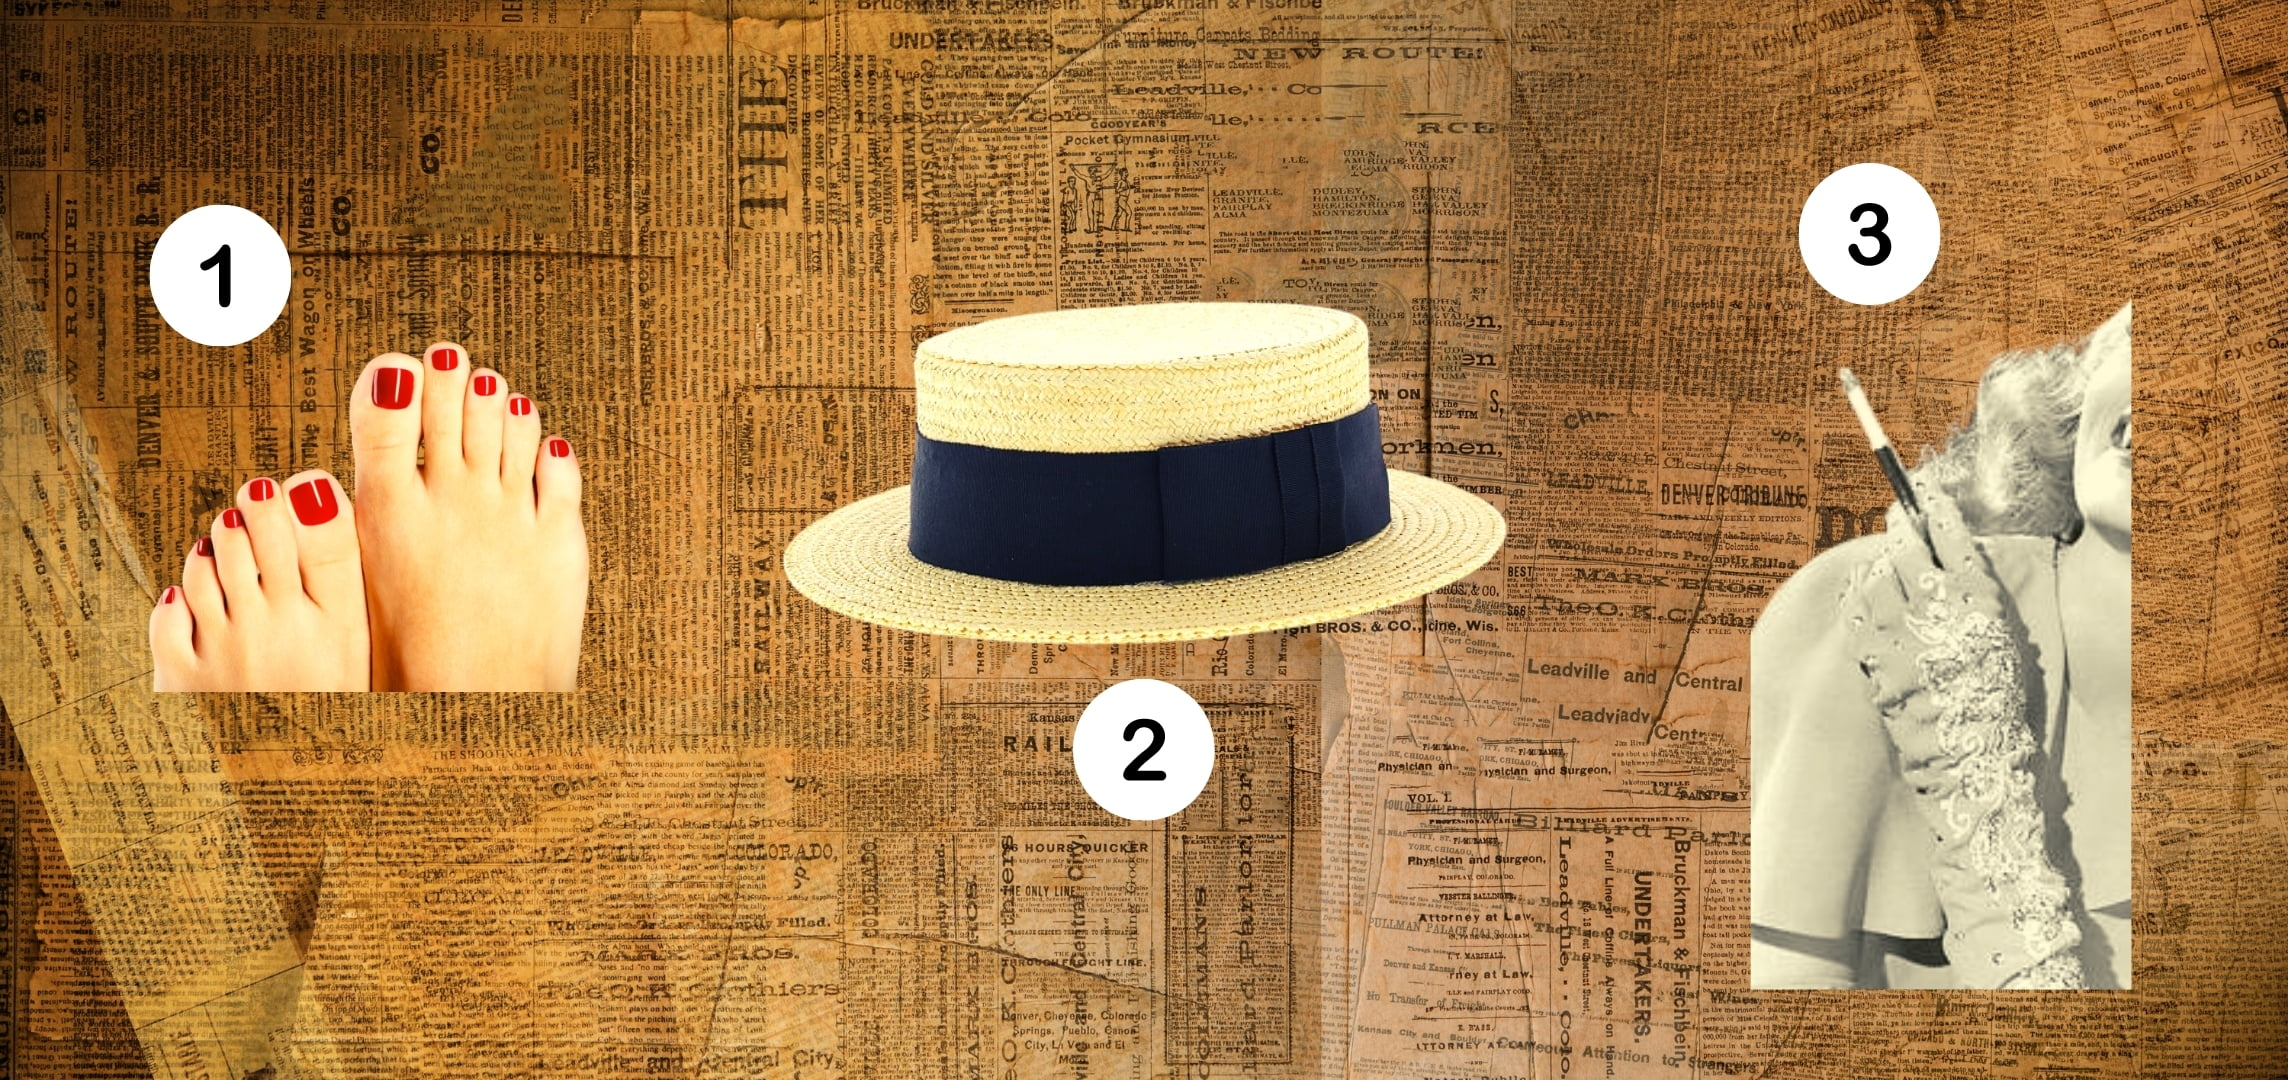 numer 1 topomalowane naczerwono paznokcie ustóp. Numer 2 tosłomkowy kapelusz. Numer 3 topapieros wdługiej lufce.